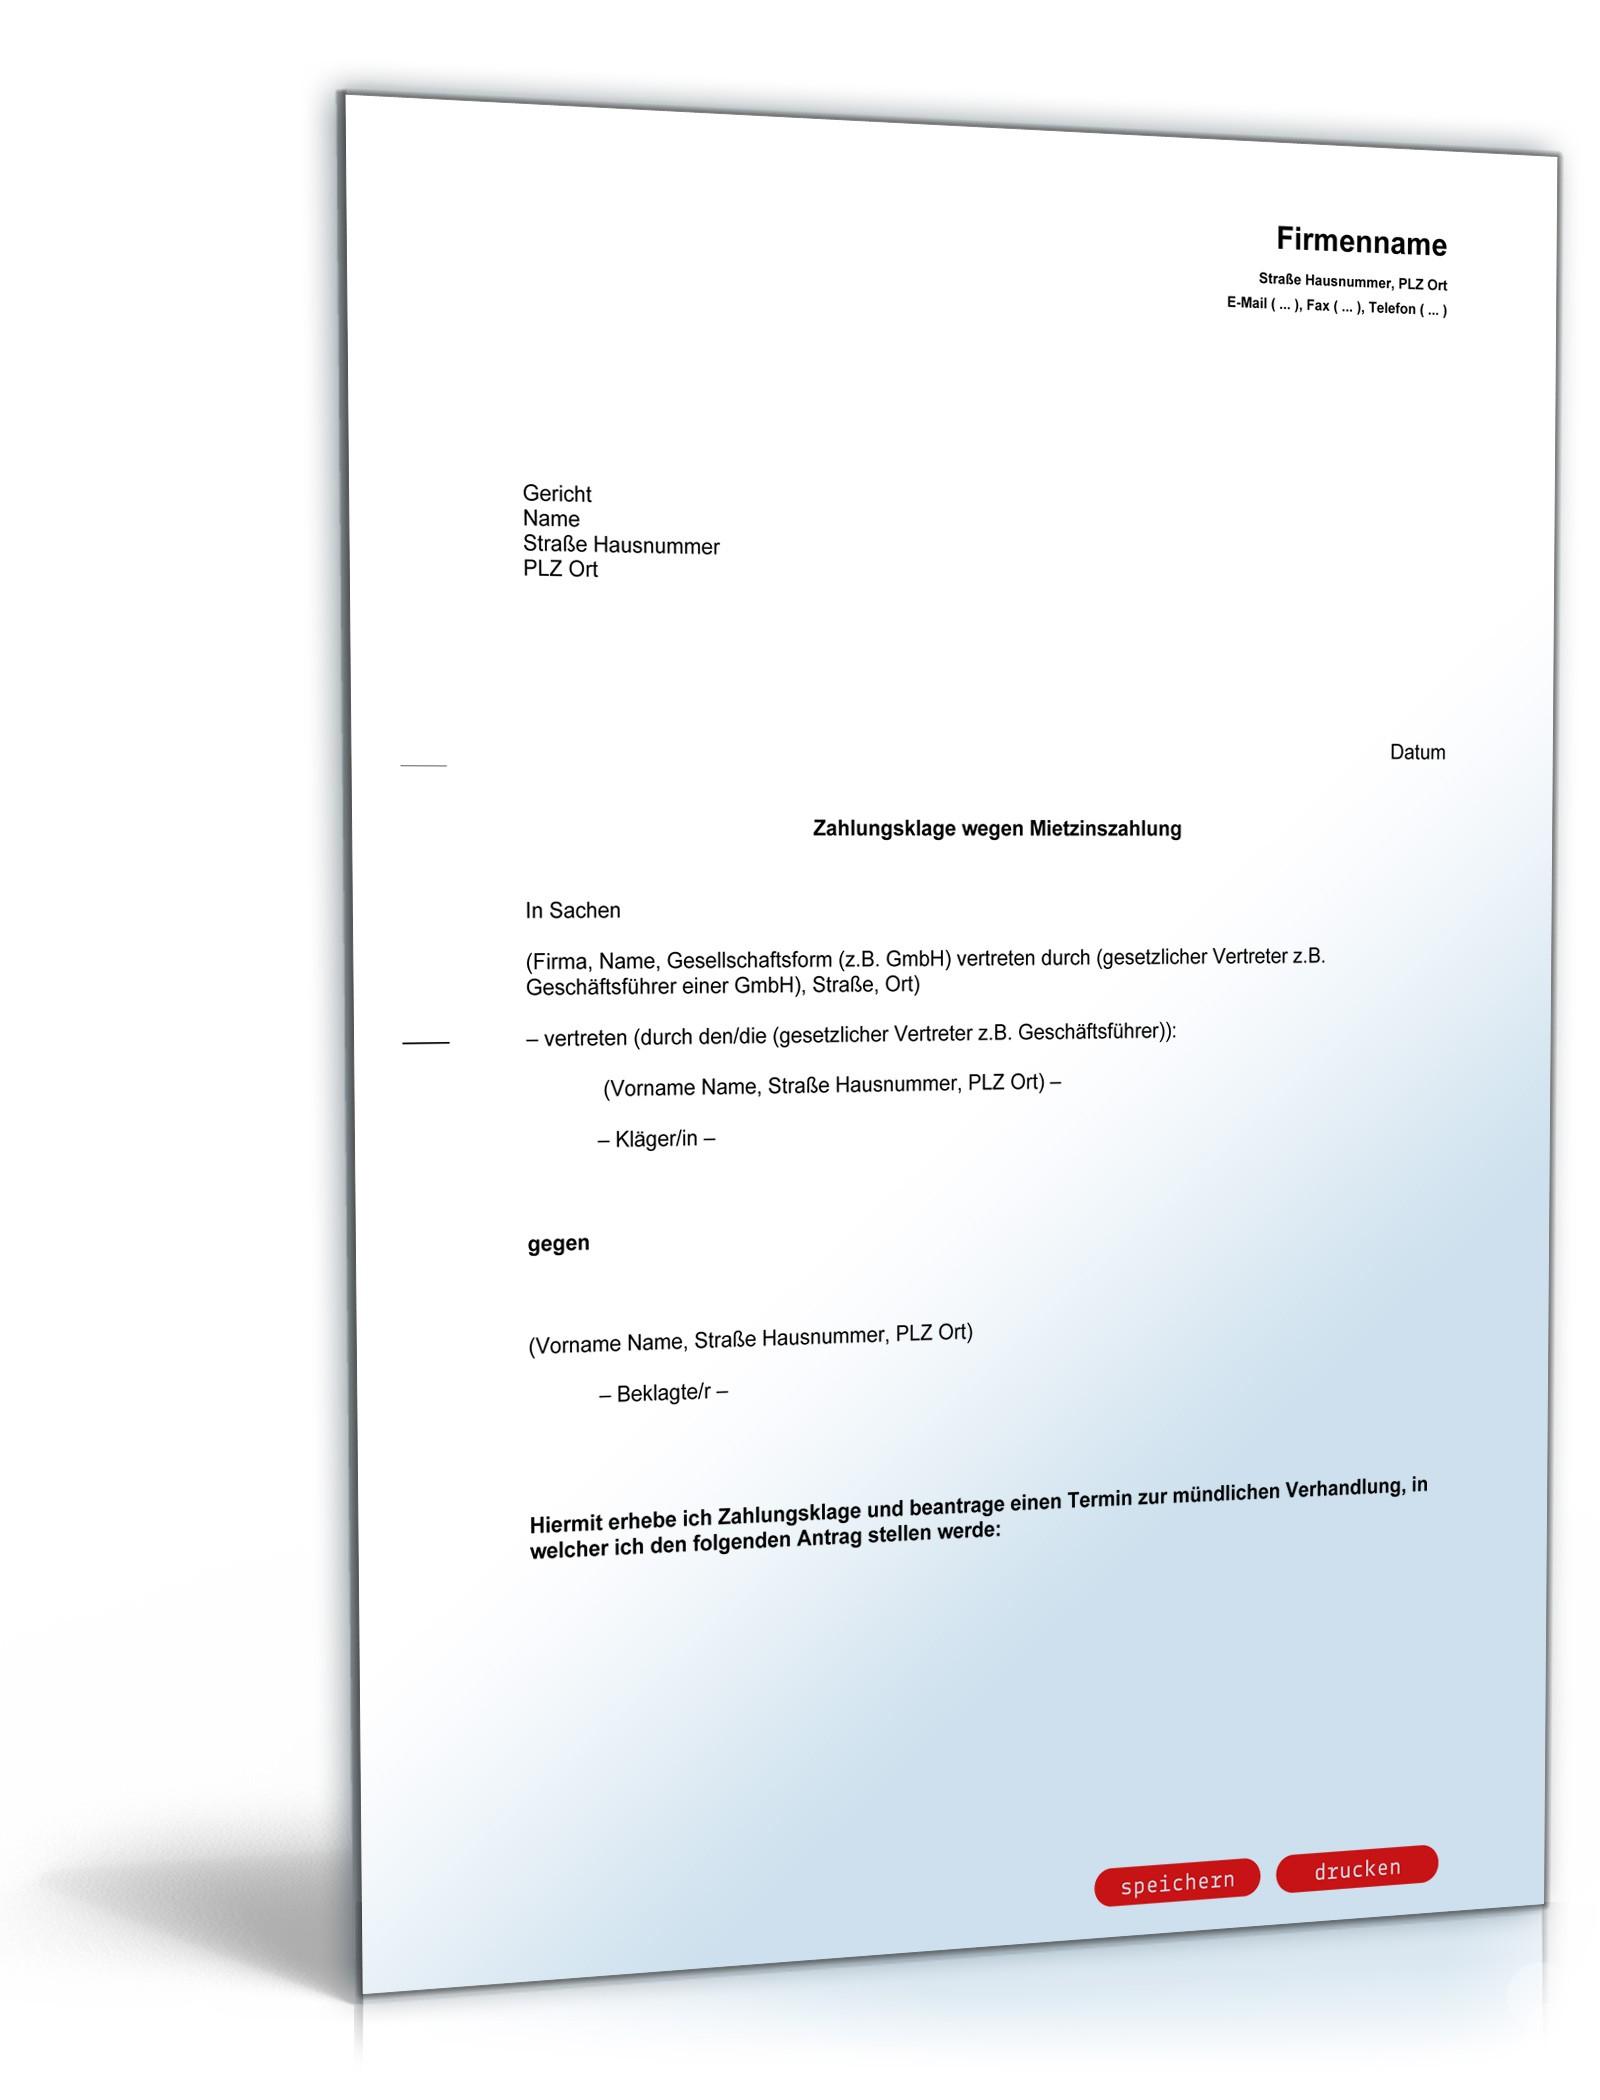 Zahlungsklage Miete Vorlage Für Vermieter Zum Download